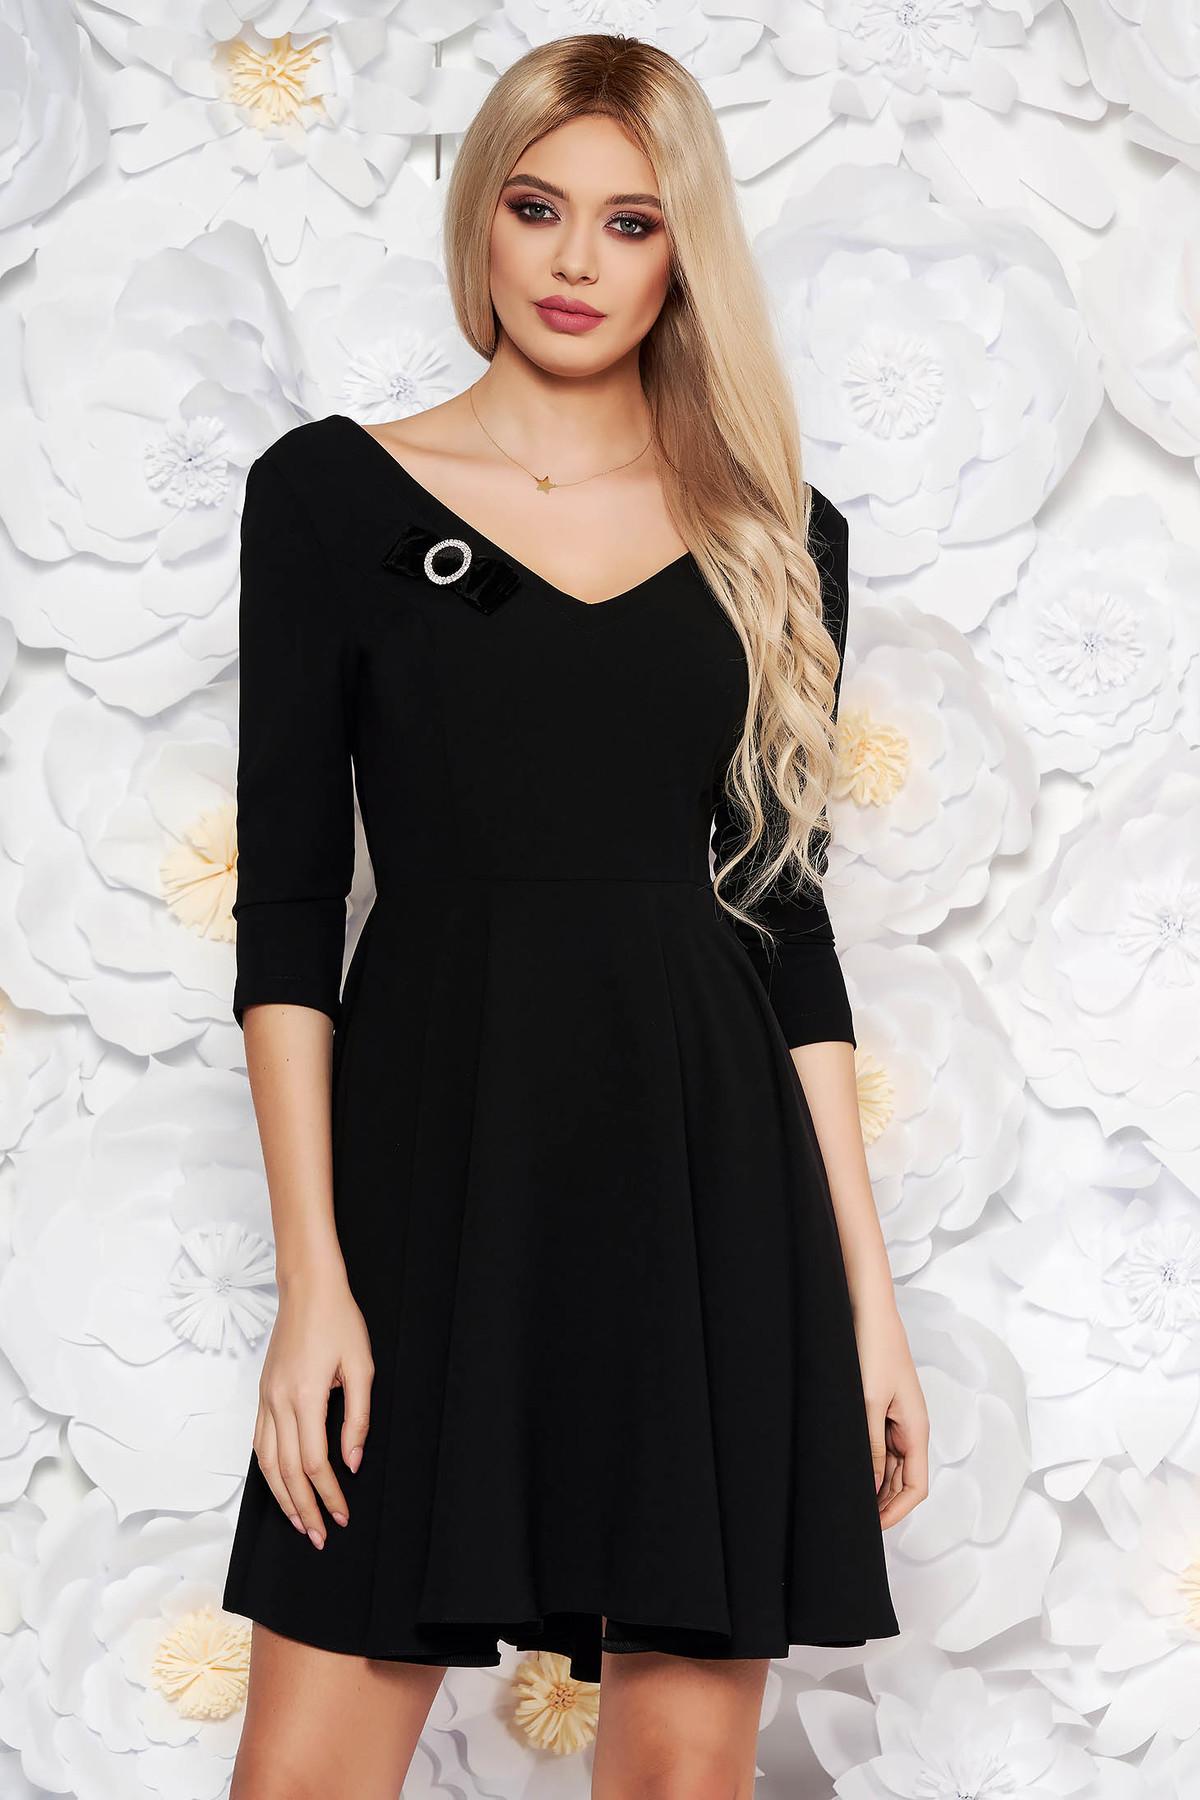 Rochie StarShinerS neagra eleganta in clos din stofa elastica subtire cu decolteu in v accesorizata cu brosa